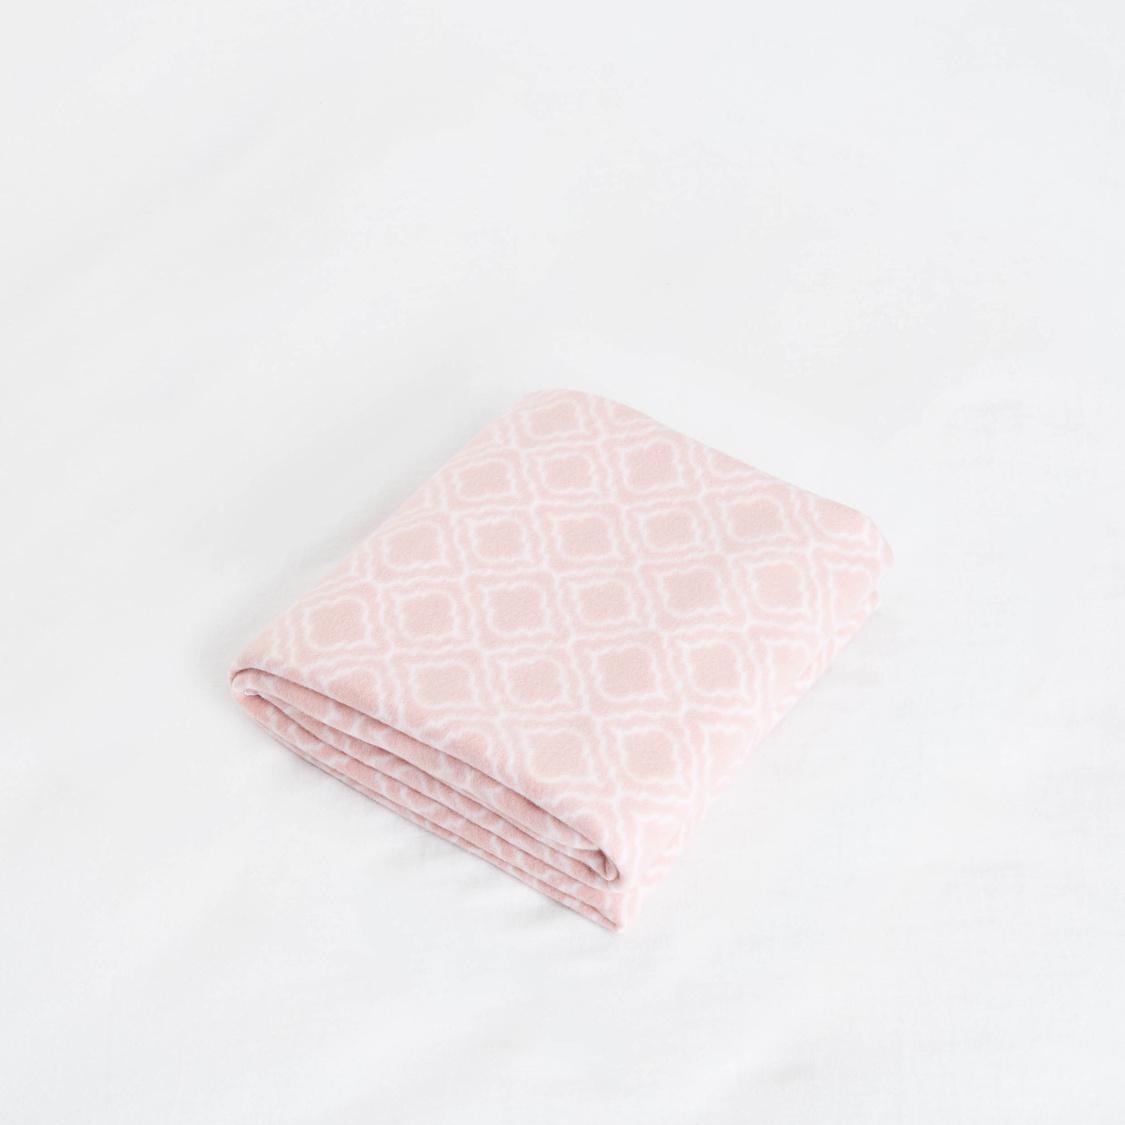 بطانية صوف متعددة التصاميم من تريليس - 200×135 سم